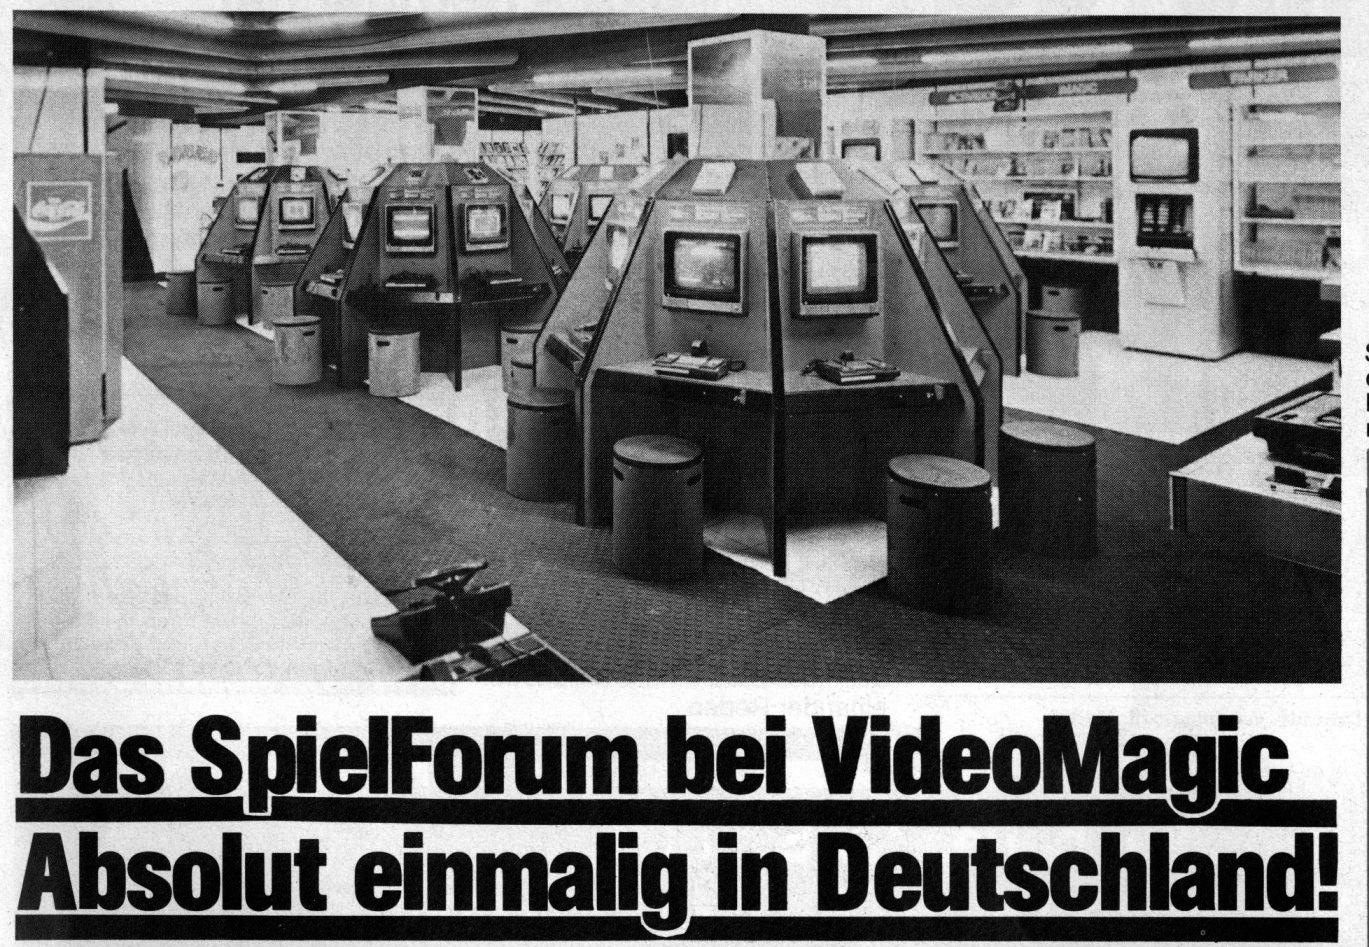 Das Spielforum von Videomagic. Futuristisch und platzsparend zugleich. (Bild: Marshall Cavendish)